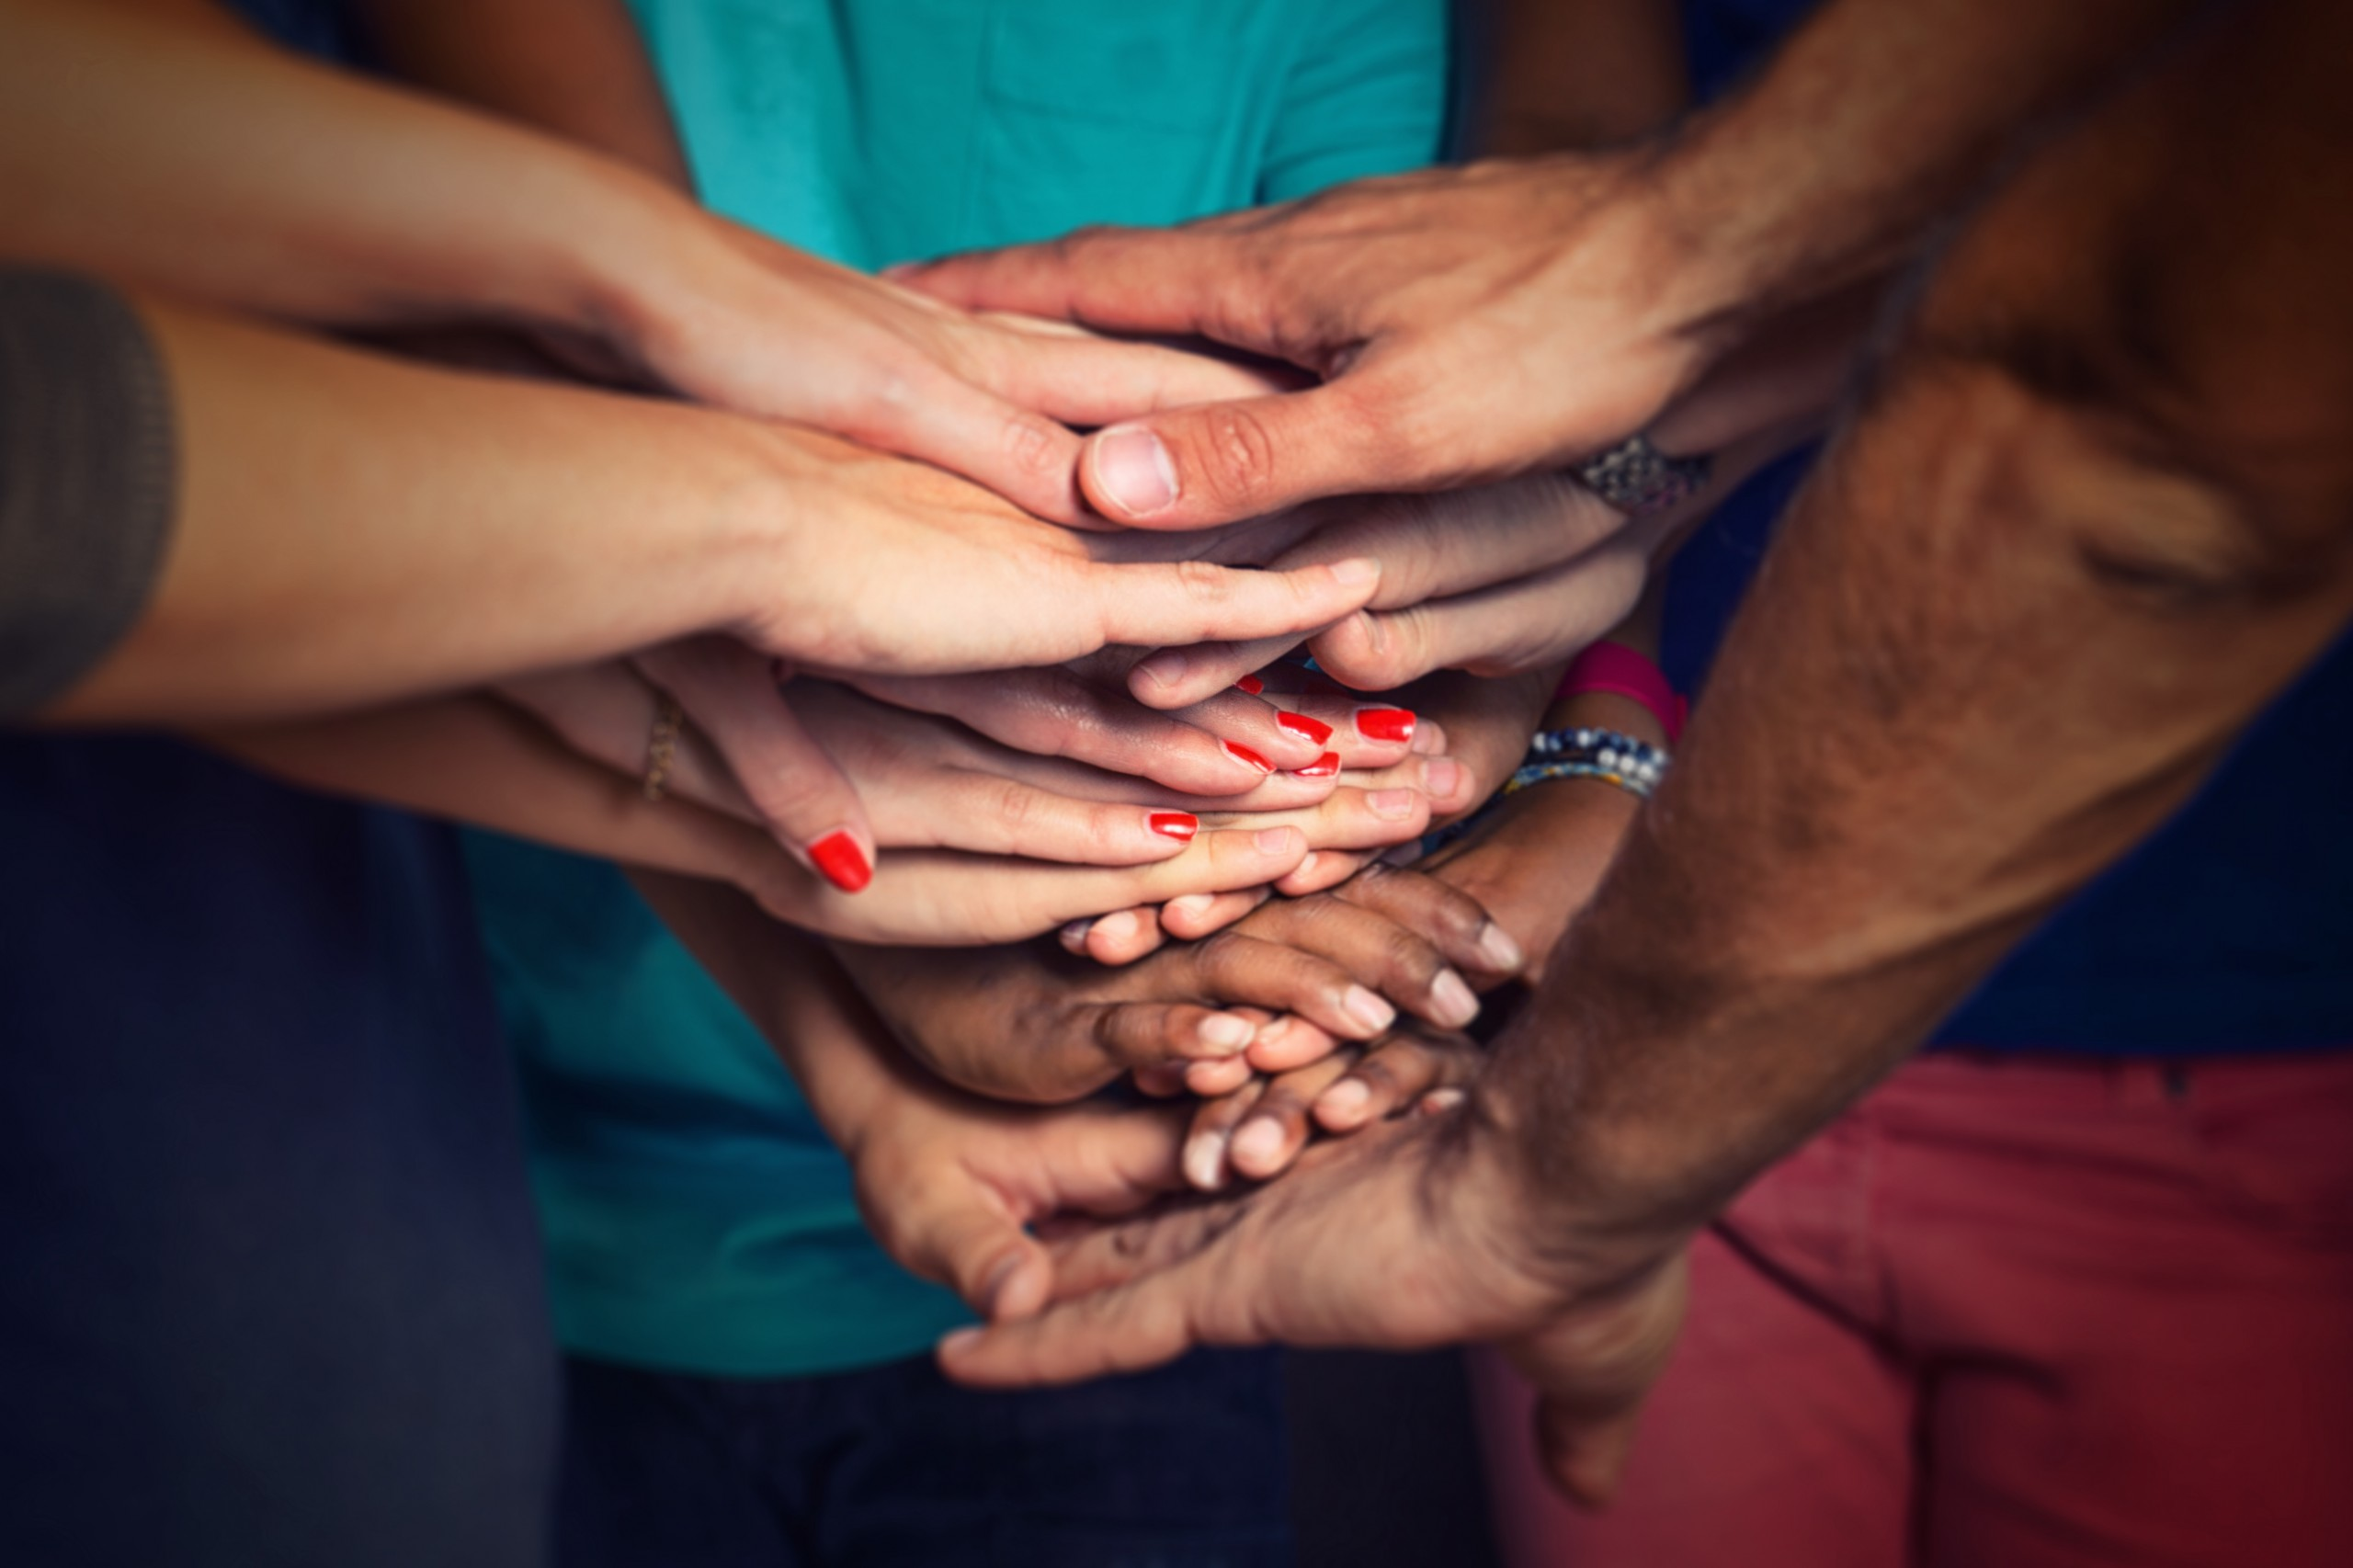 Interconnectedness: Warum unsere Verbundenheit unsere größte Stärke ist